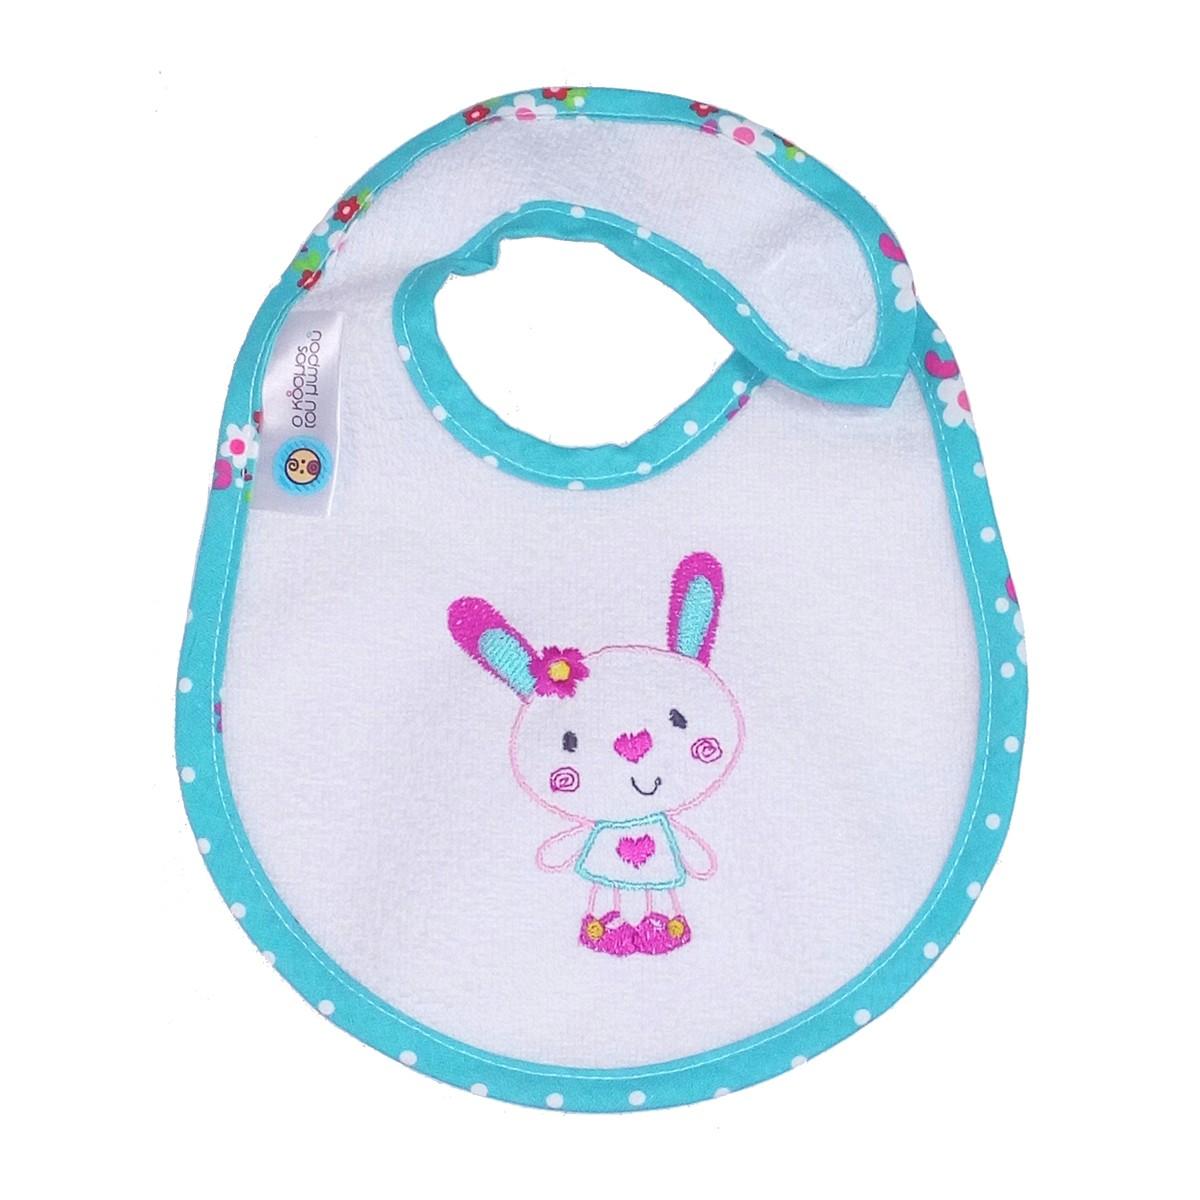 Σαλιάρα Μικρή Κόσμος Του Μωρού Rabbit 0608 74648